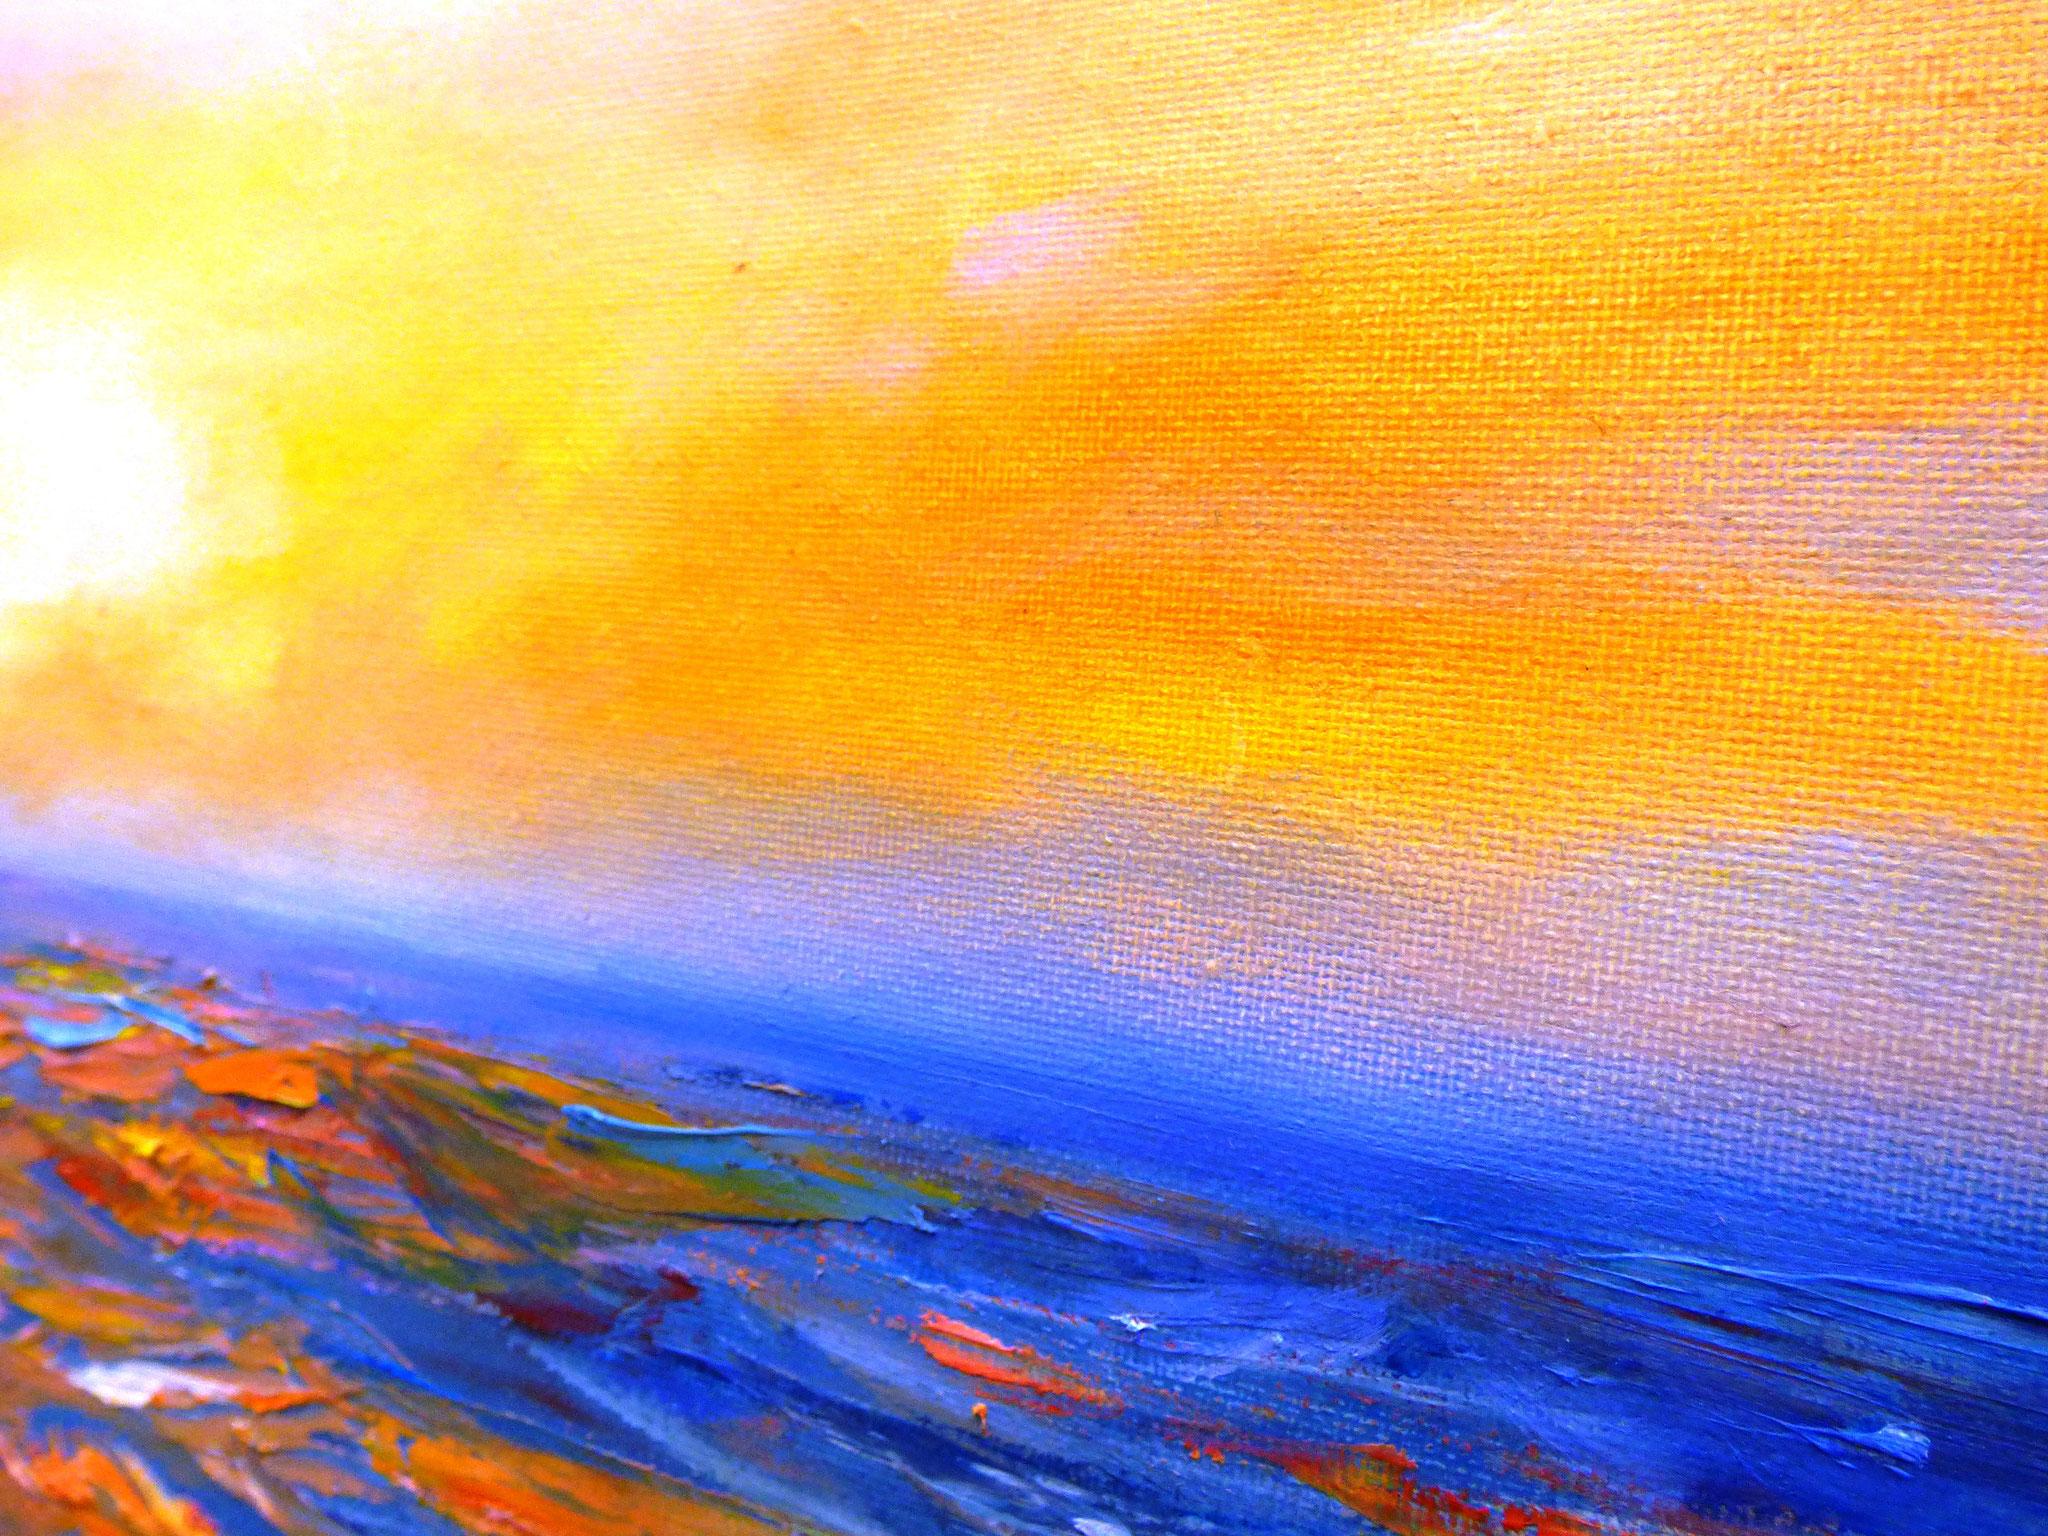 particolare Silvana Ghigna Lumiere du soleil olio su tela 50x50